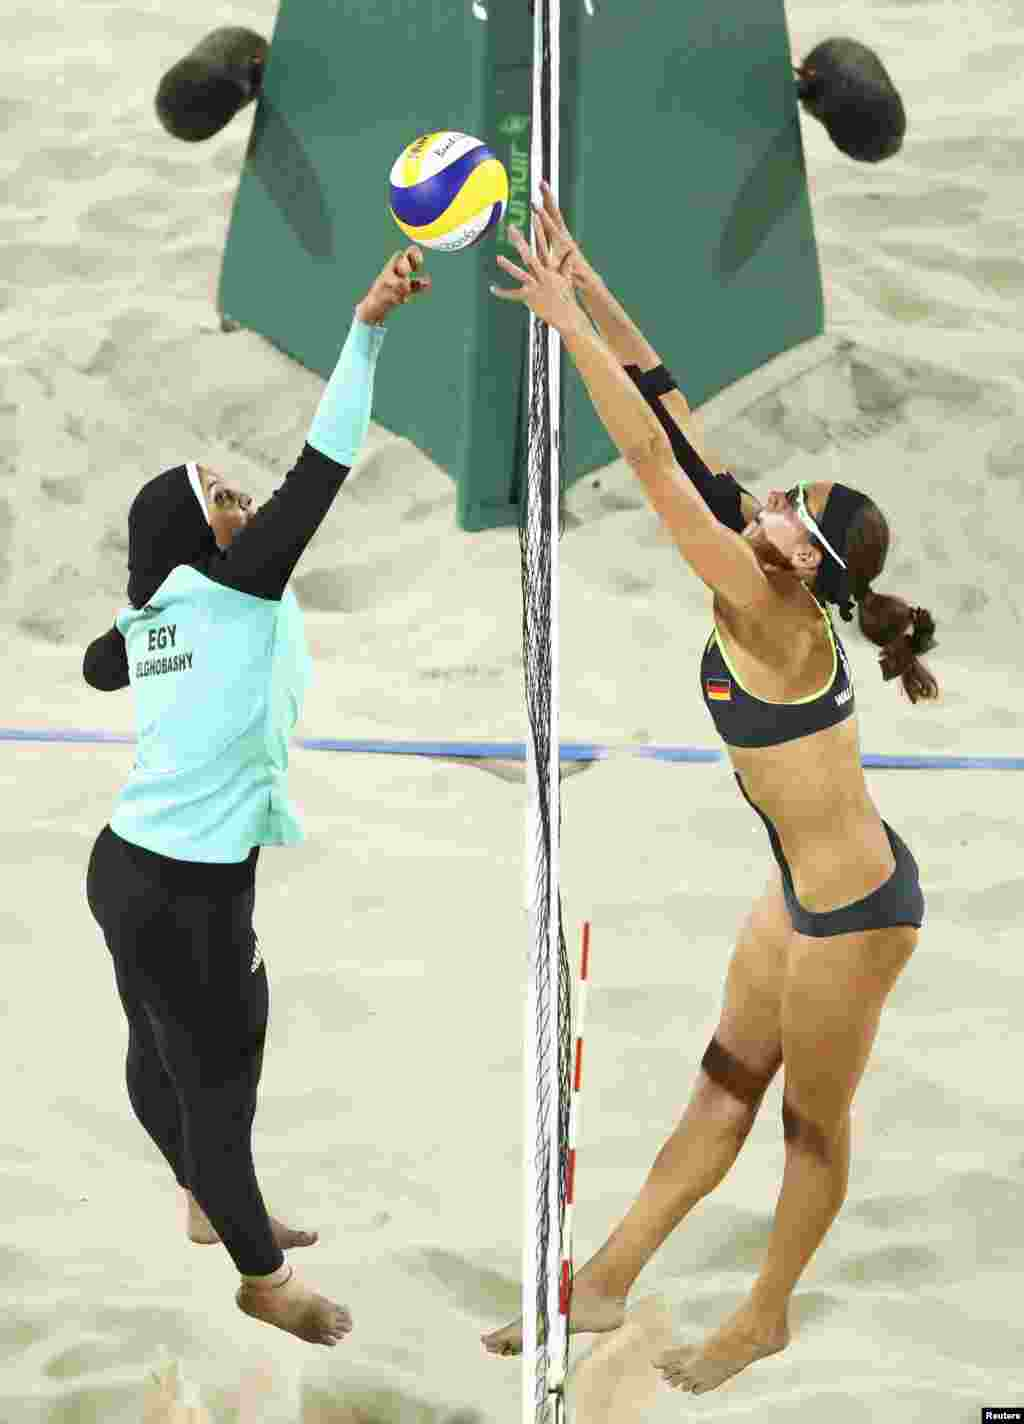 L'Egyptienne Doaa Elghobashy et l'Allemande Kira Walkenhorst lors des matchs préliminaires en Volleyball, Rio de Janeiro, Brésil, le 7 août 2016.